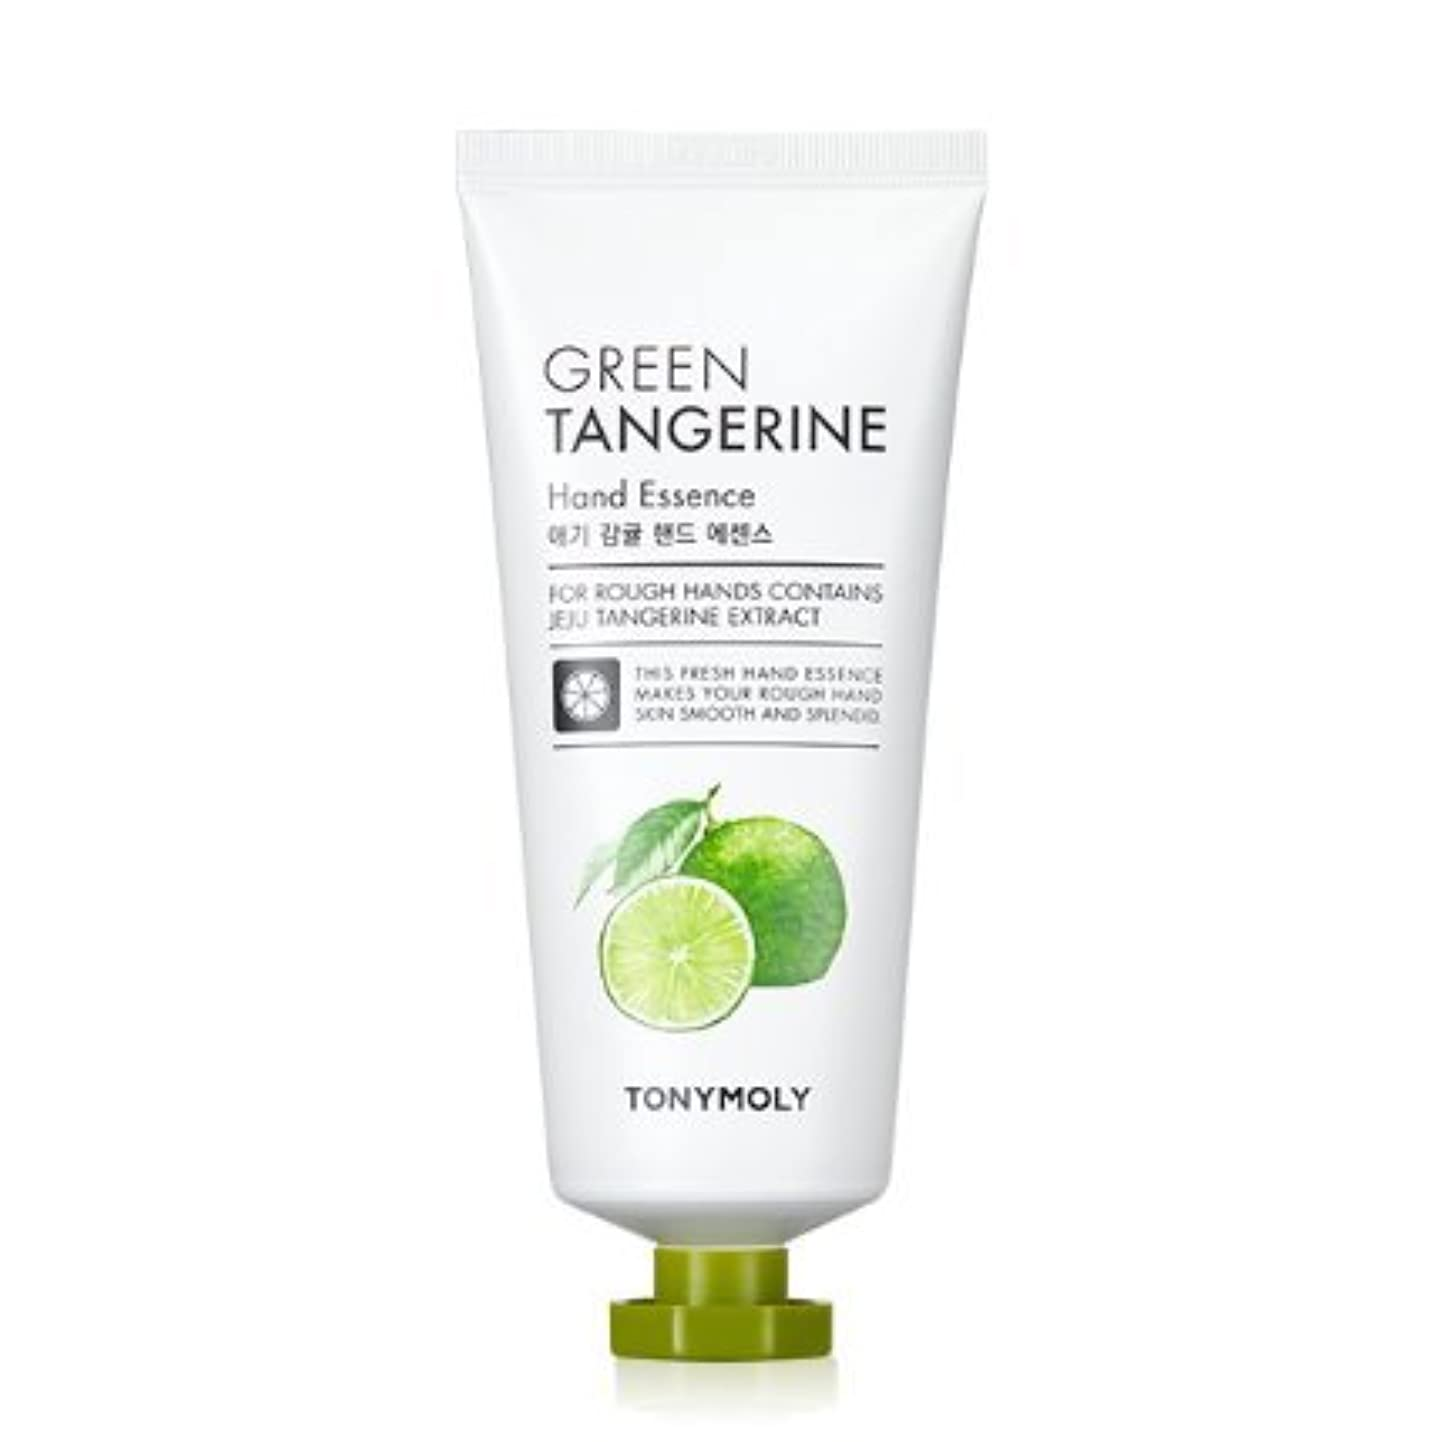 山政治準備[Renewal] TONYMOLY Green Tangerine Hand Essence/トニーモリー 青みかん ハンド エッセンス 80g [並行輸入品]